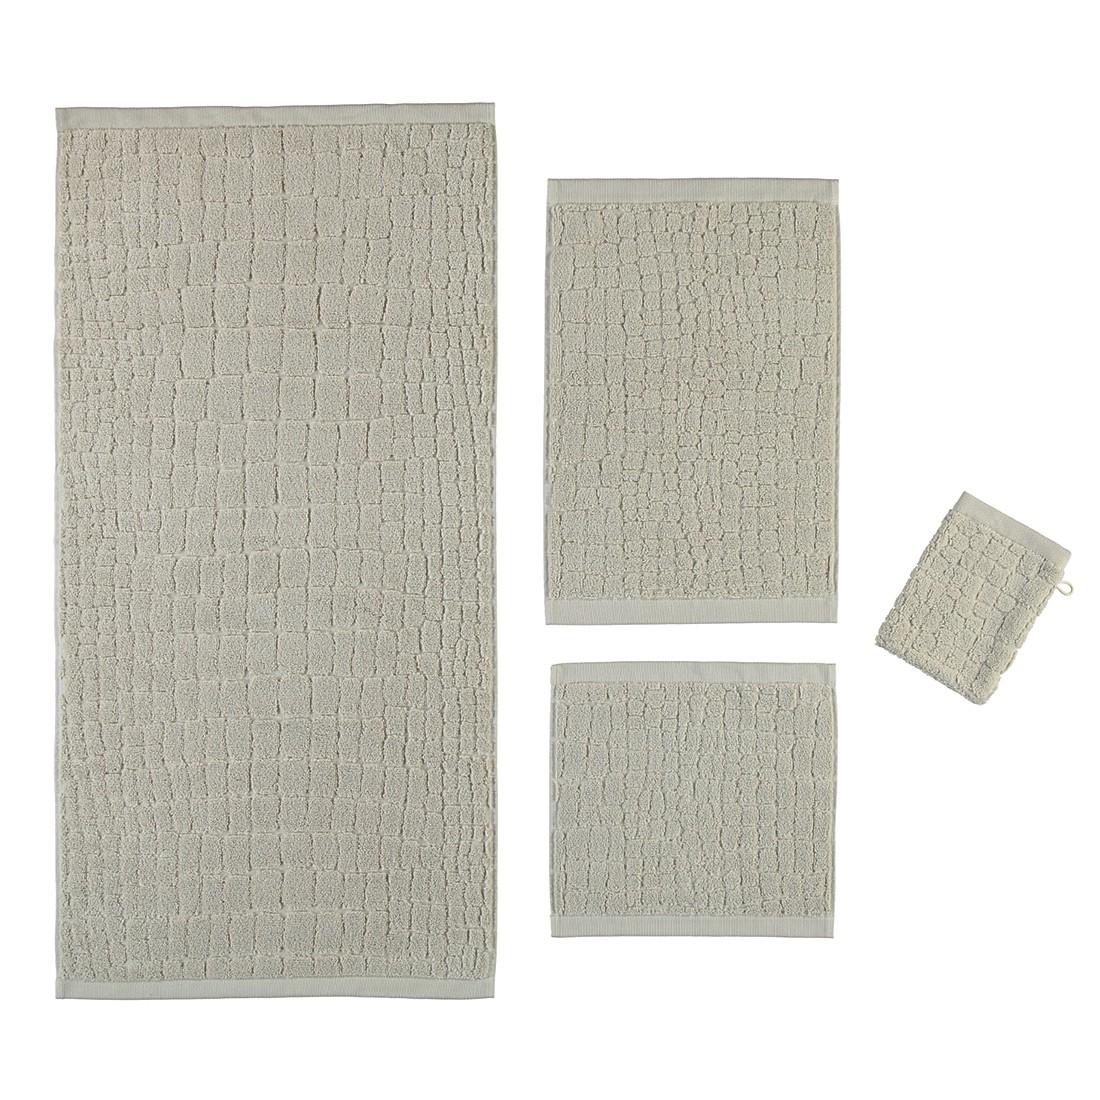 Handtuch Croco – 100% Baumwolle papyrus – 714 – Duschtuch: 80 x 150 cm, Möve bestellen